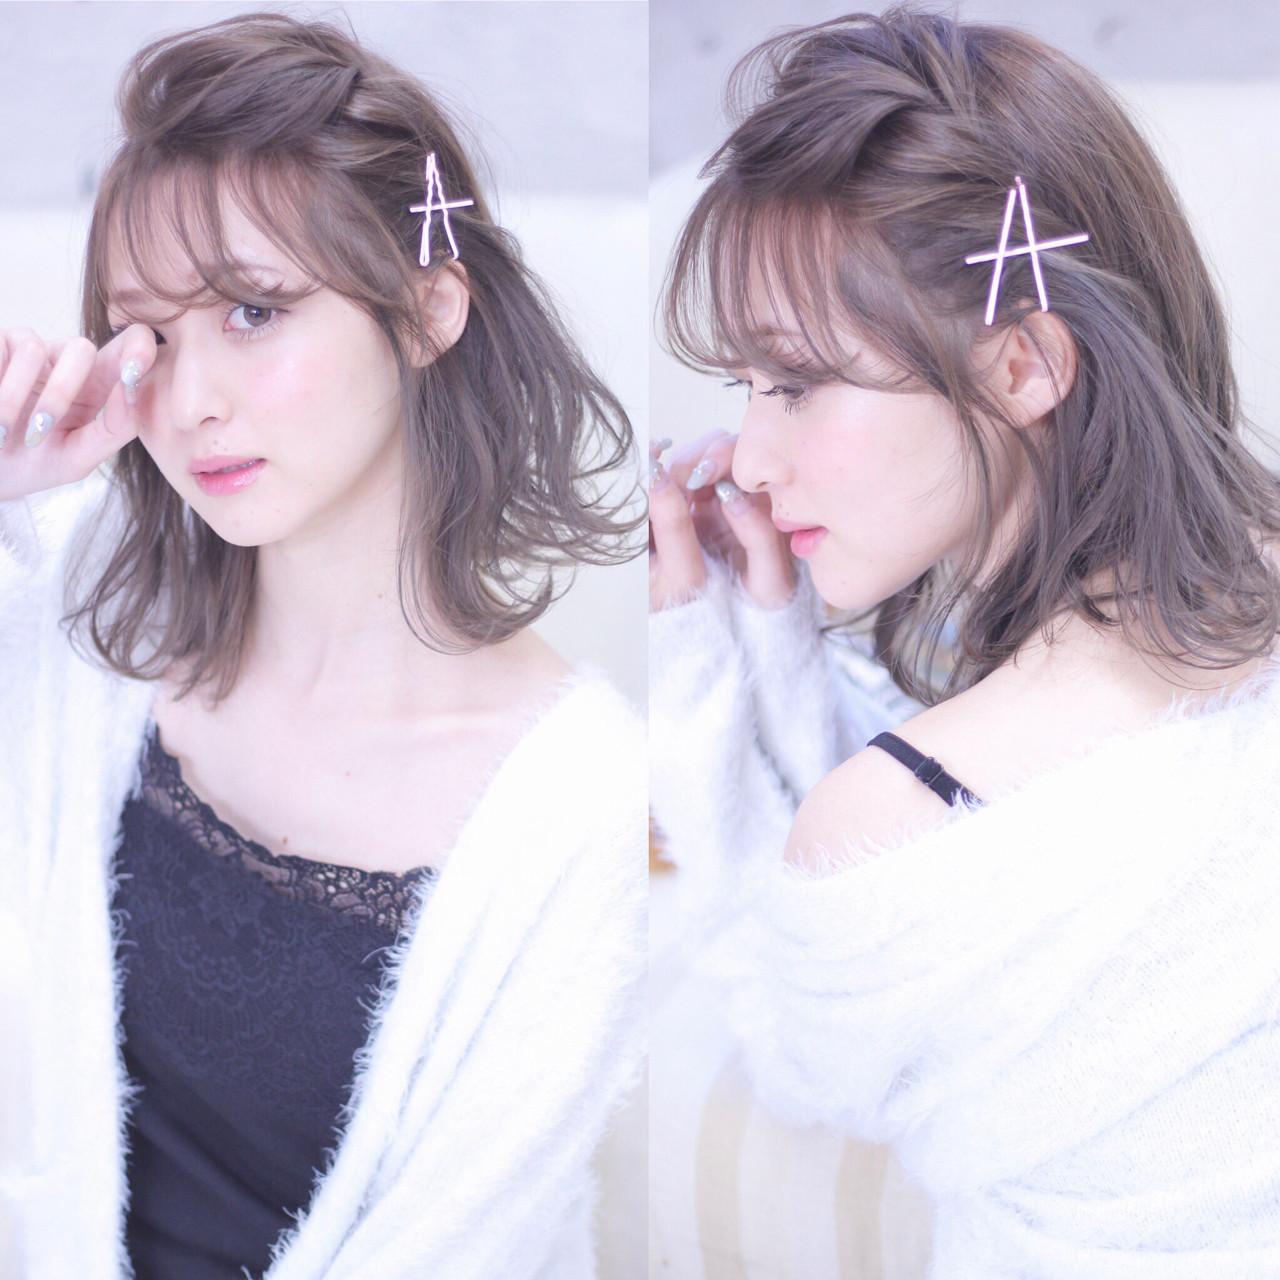 ヘアアレンジ パーマ 編み込み フェミニン ヘアスタイルや髪型の写真・画像